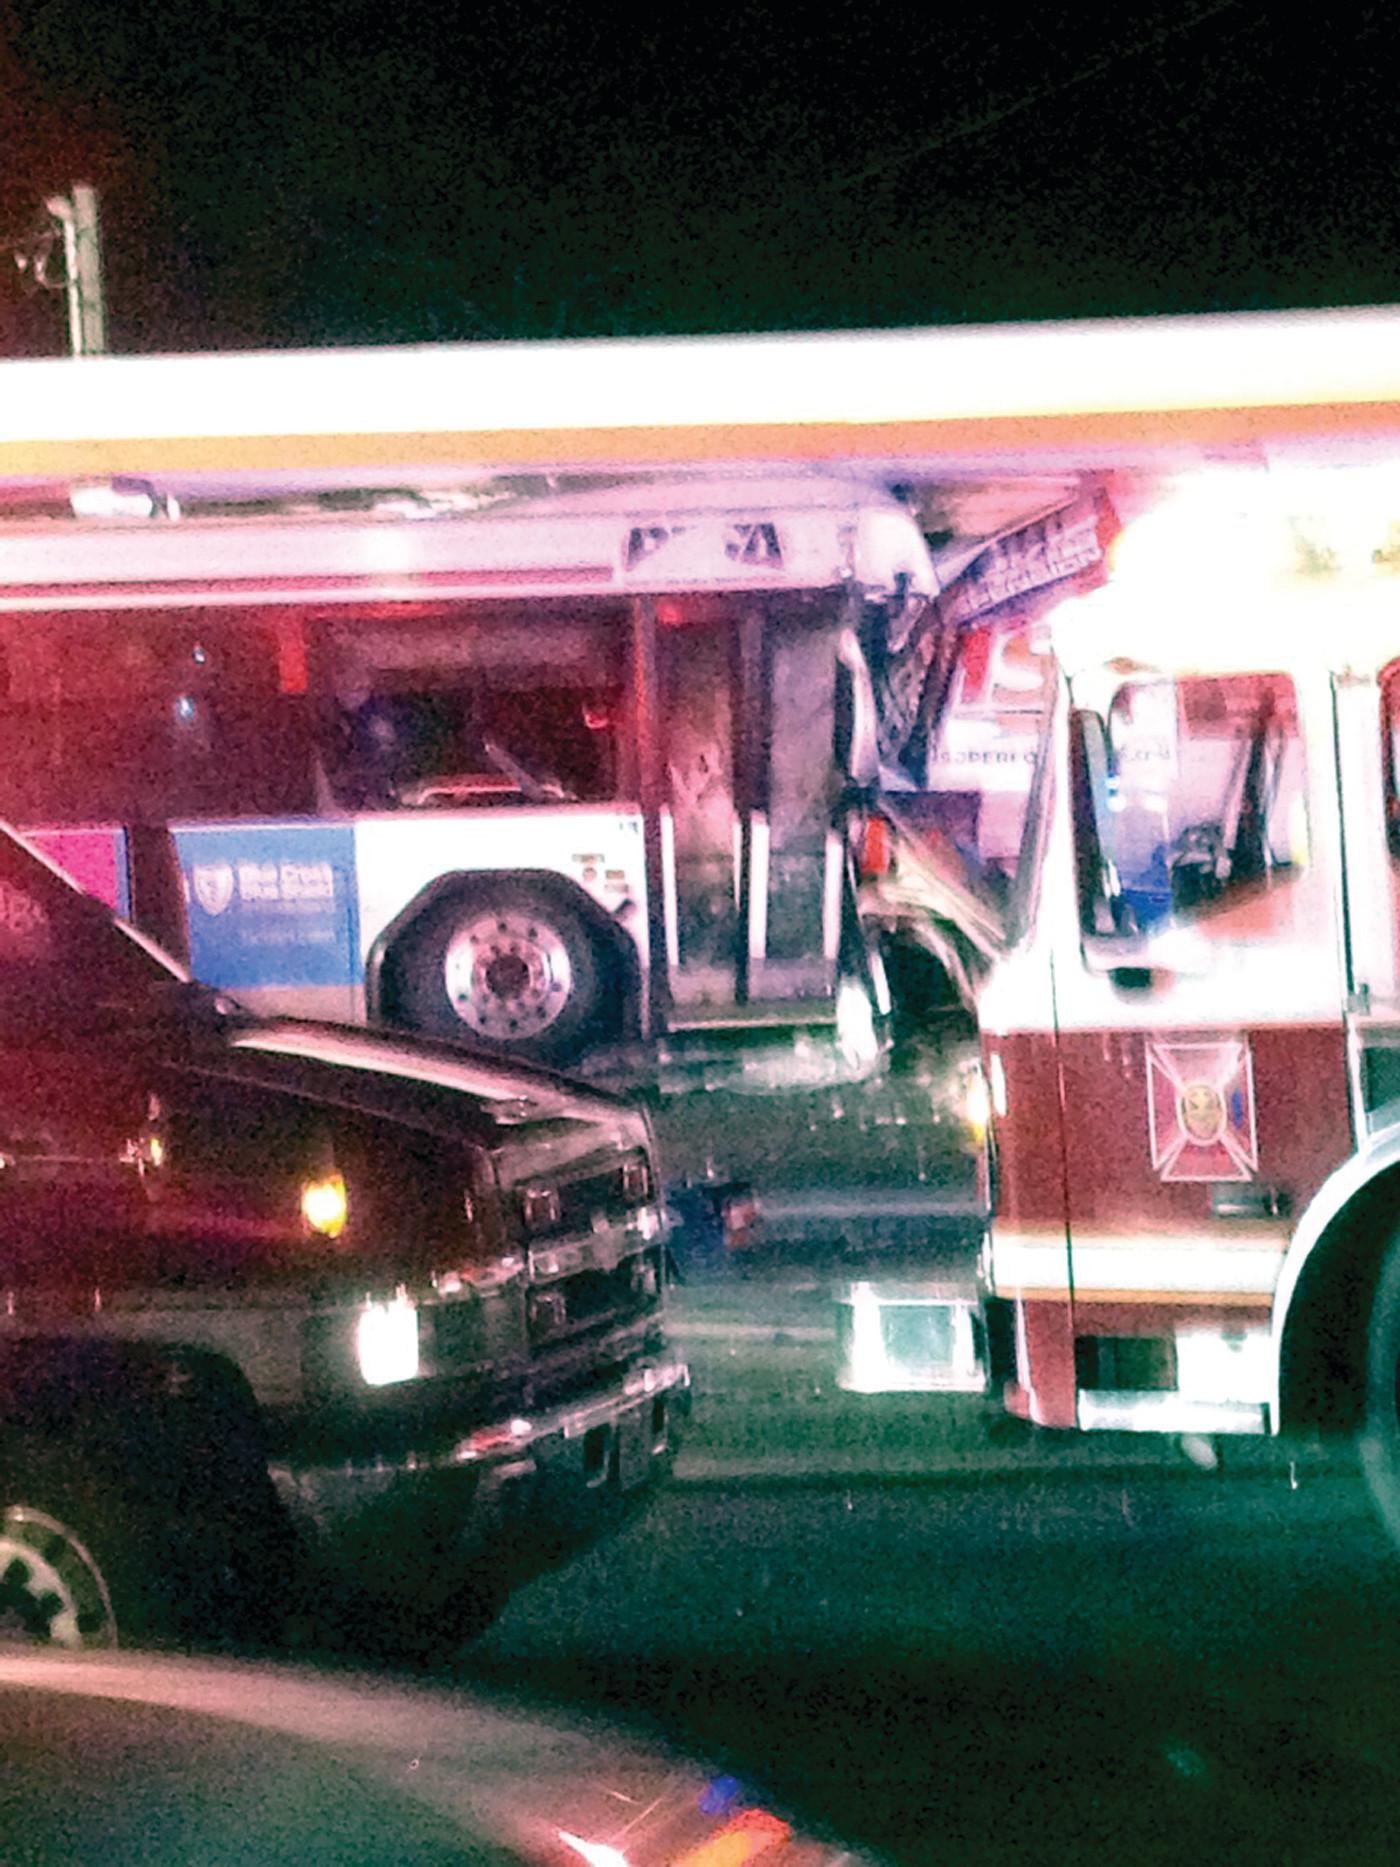 Status of injured bus driver, passenger from Warwick crash